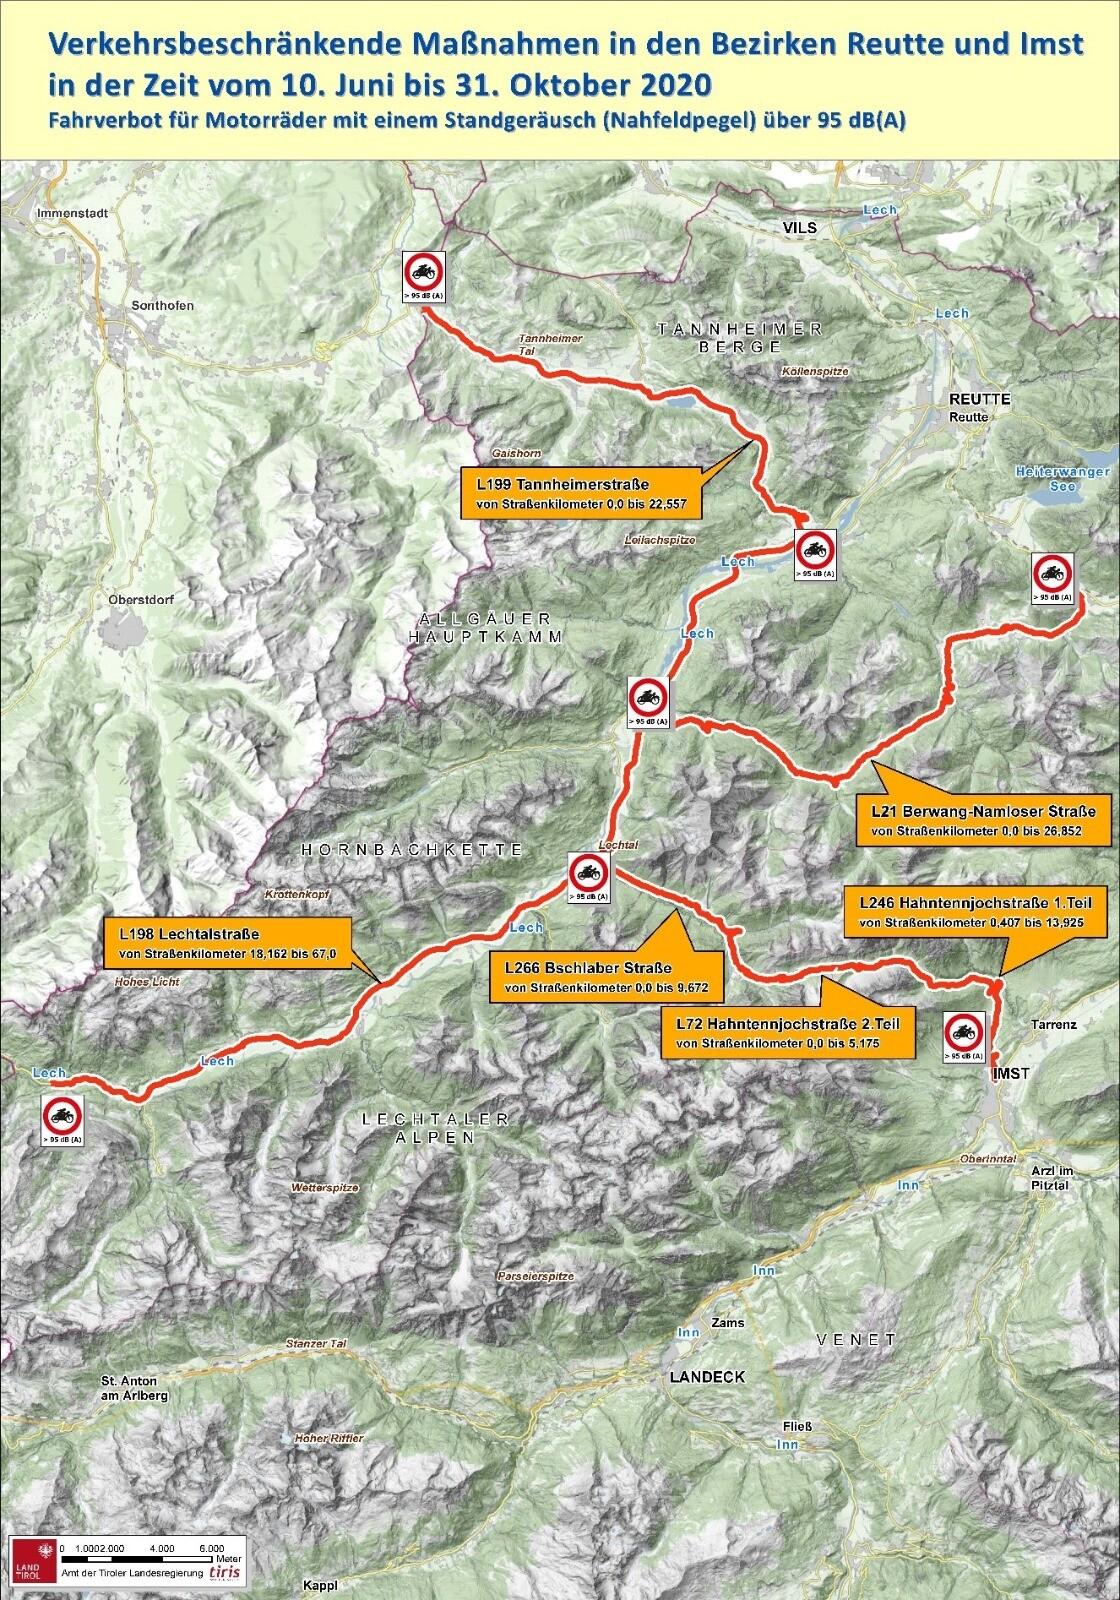 drumuri restrictionate in Tirol